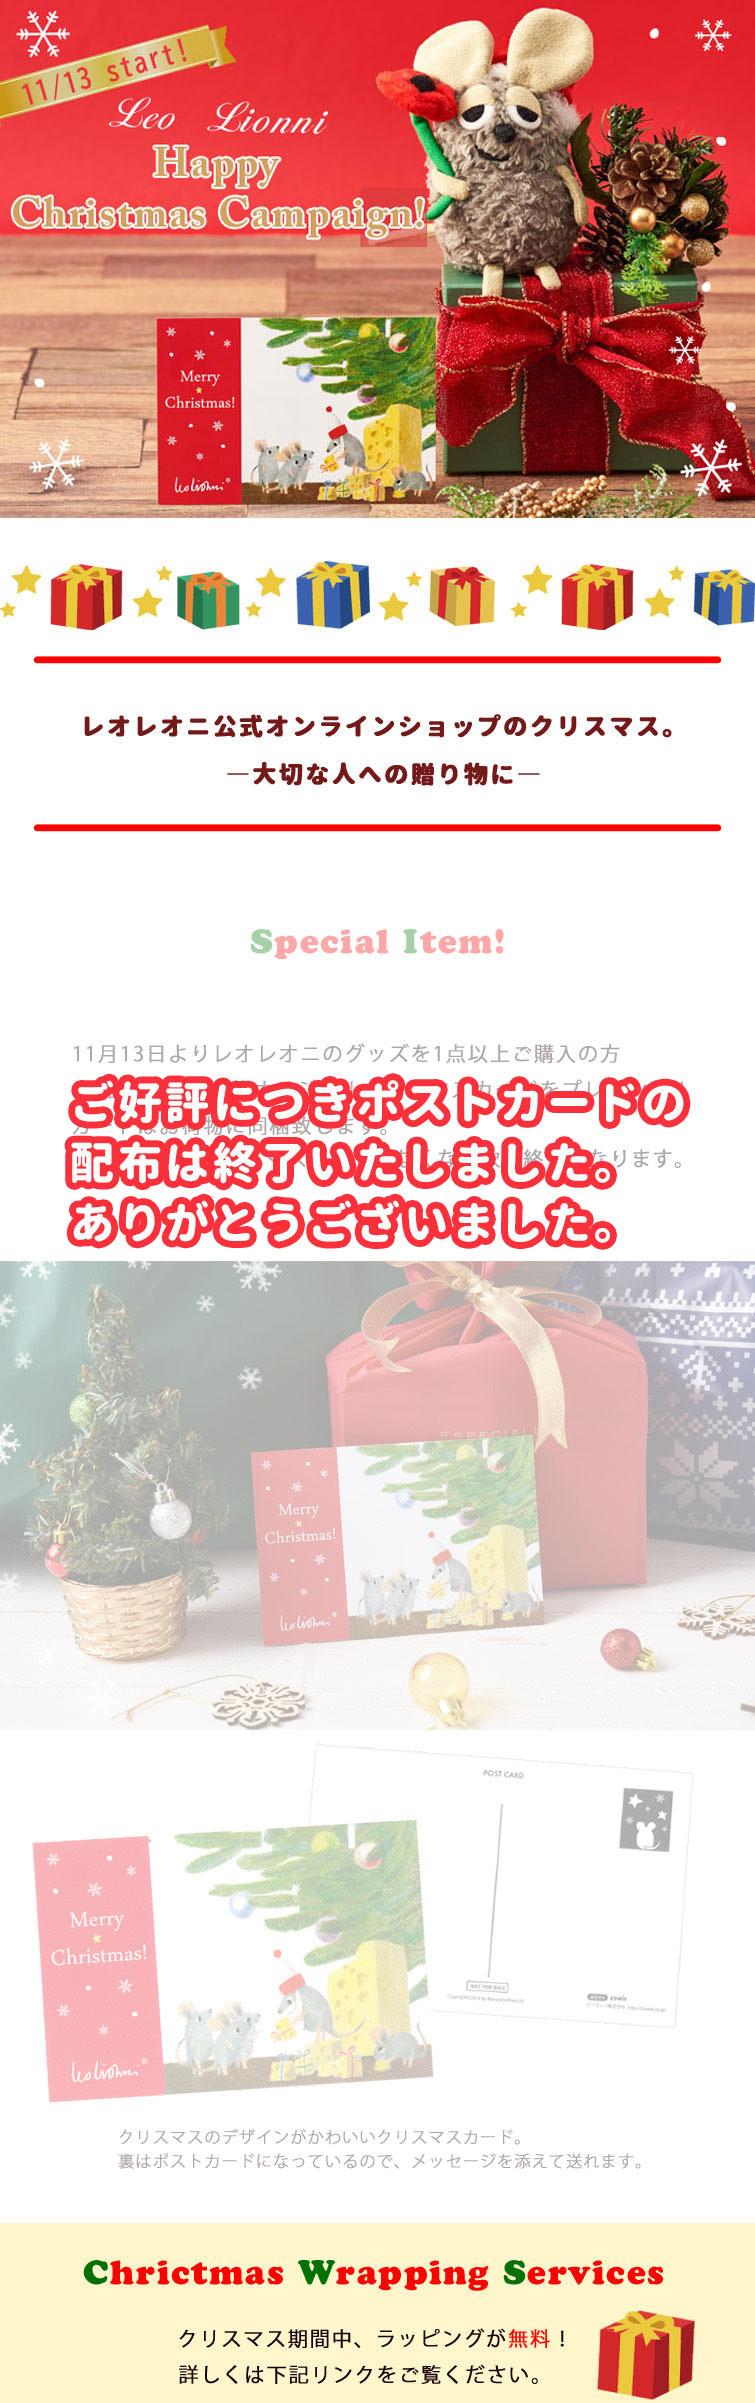 レオニ クリスマス特集TOP